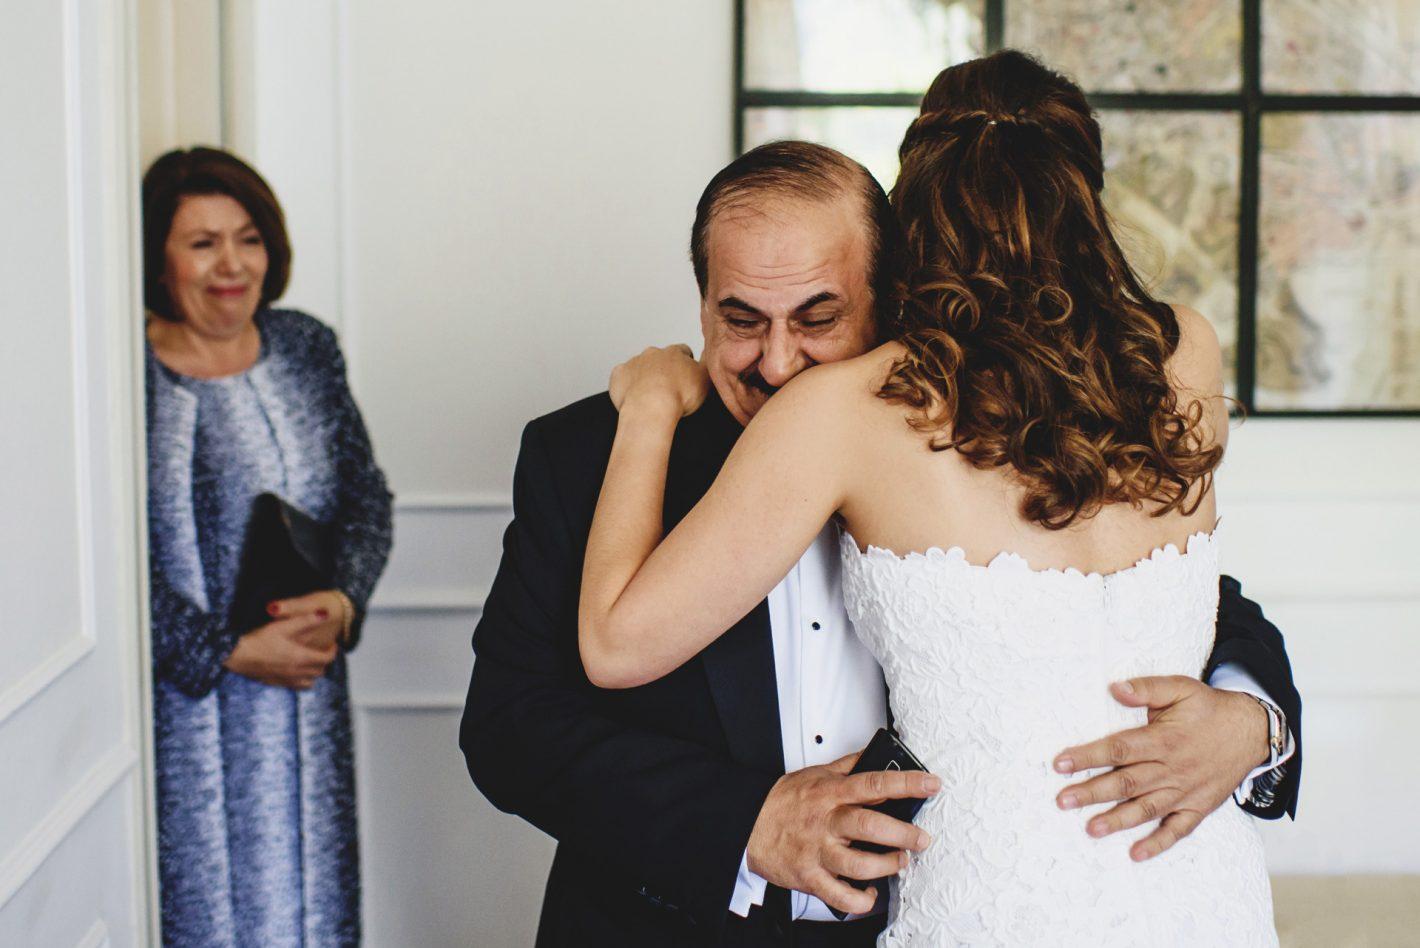 Le père et la mère de la mariée découvrent leur fille juste avant la cérémonie. D750, AF-S NIKKOR 35 mm f/1.4G, ISO 1000, 1/250 sec @ f/2